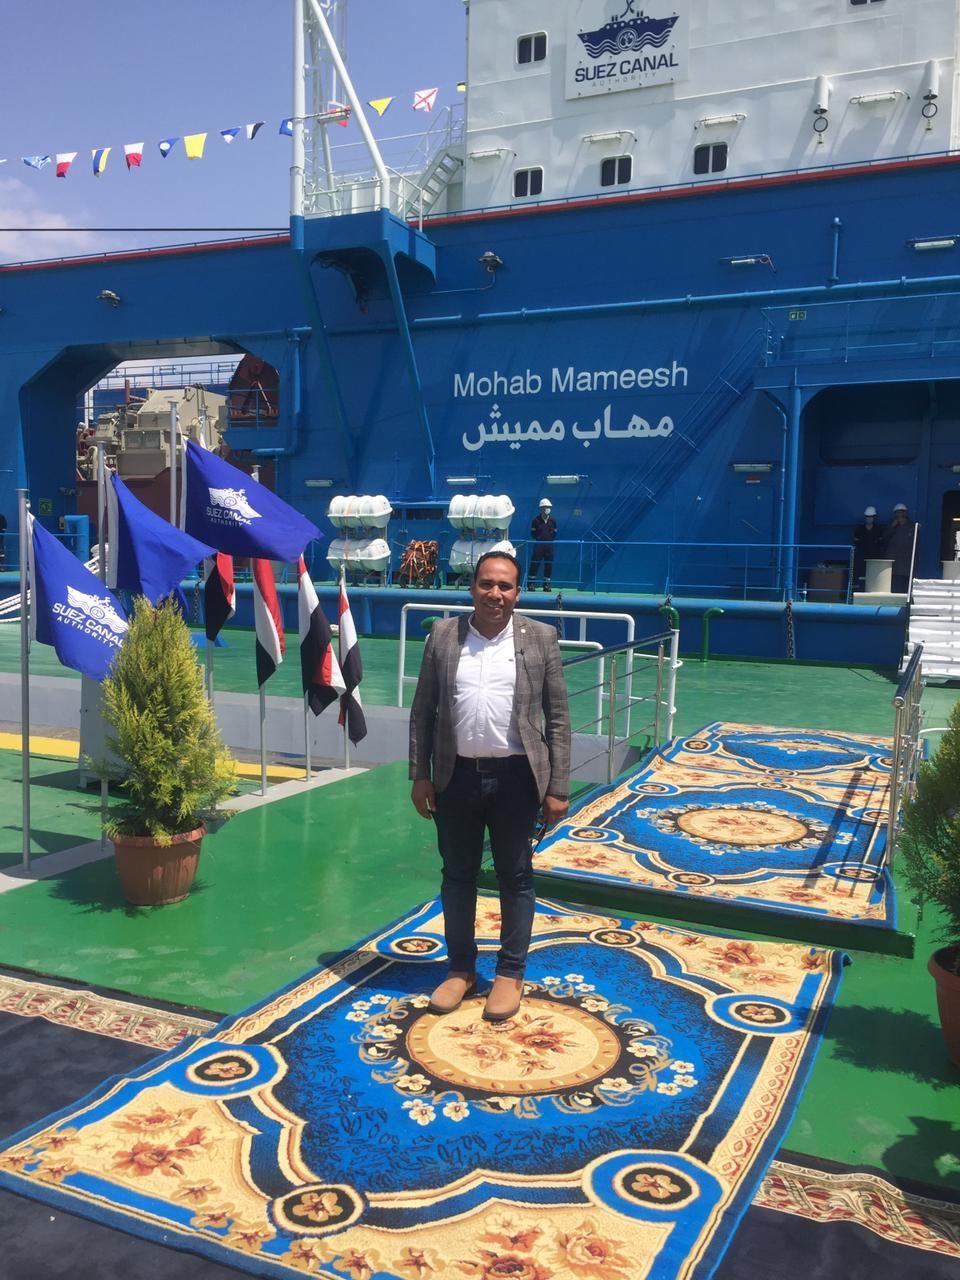 الكراكة مهاب مميش (2)